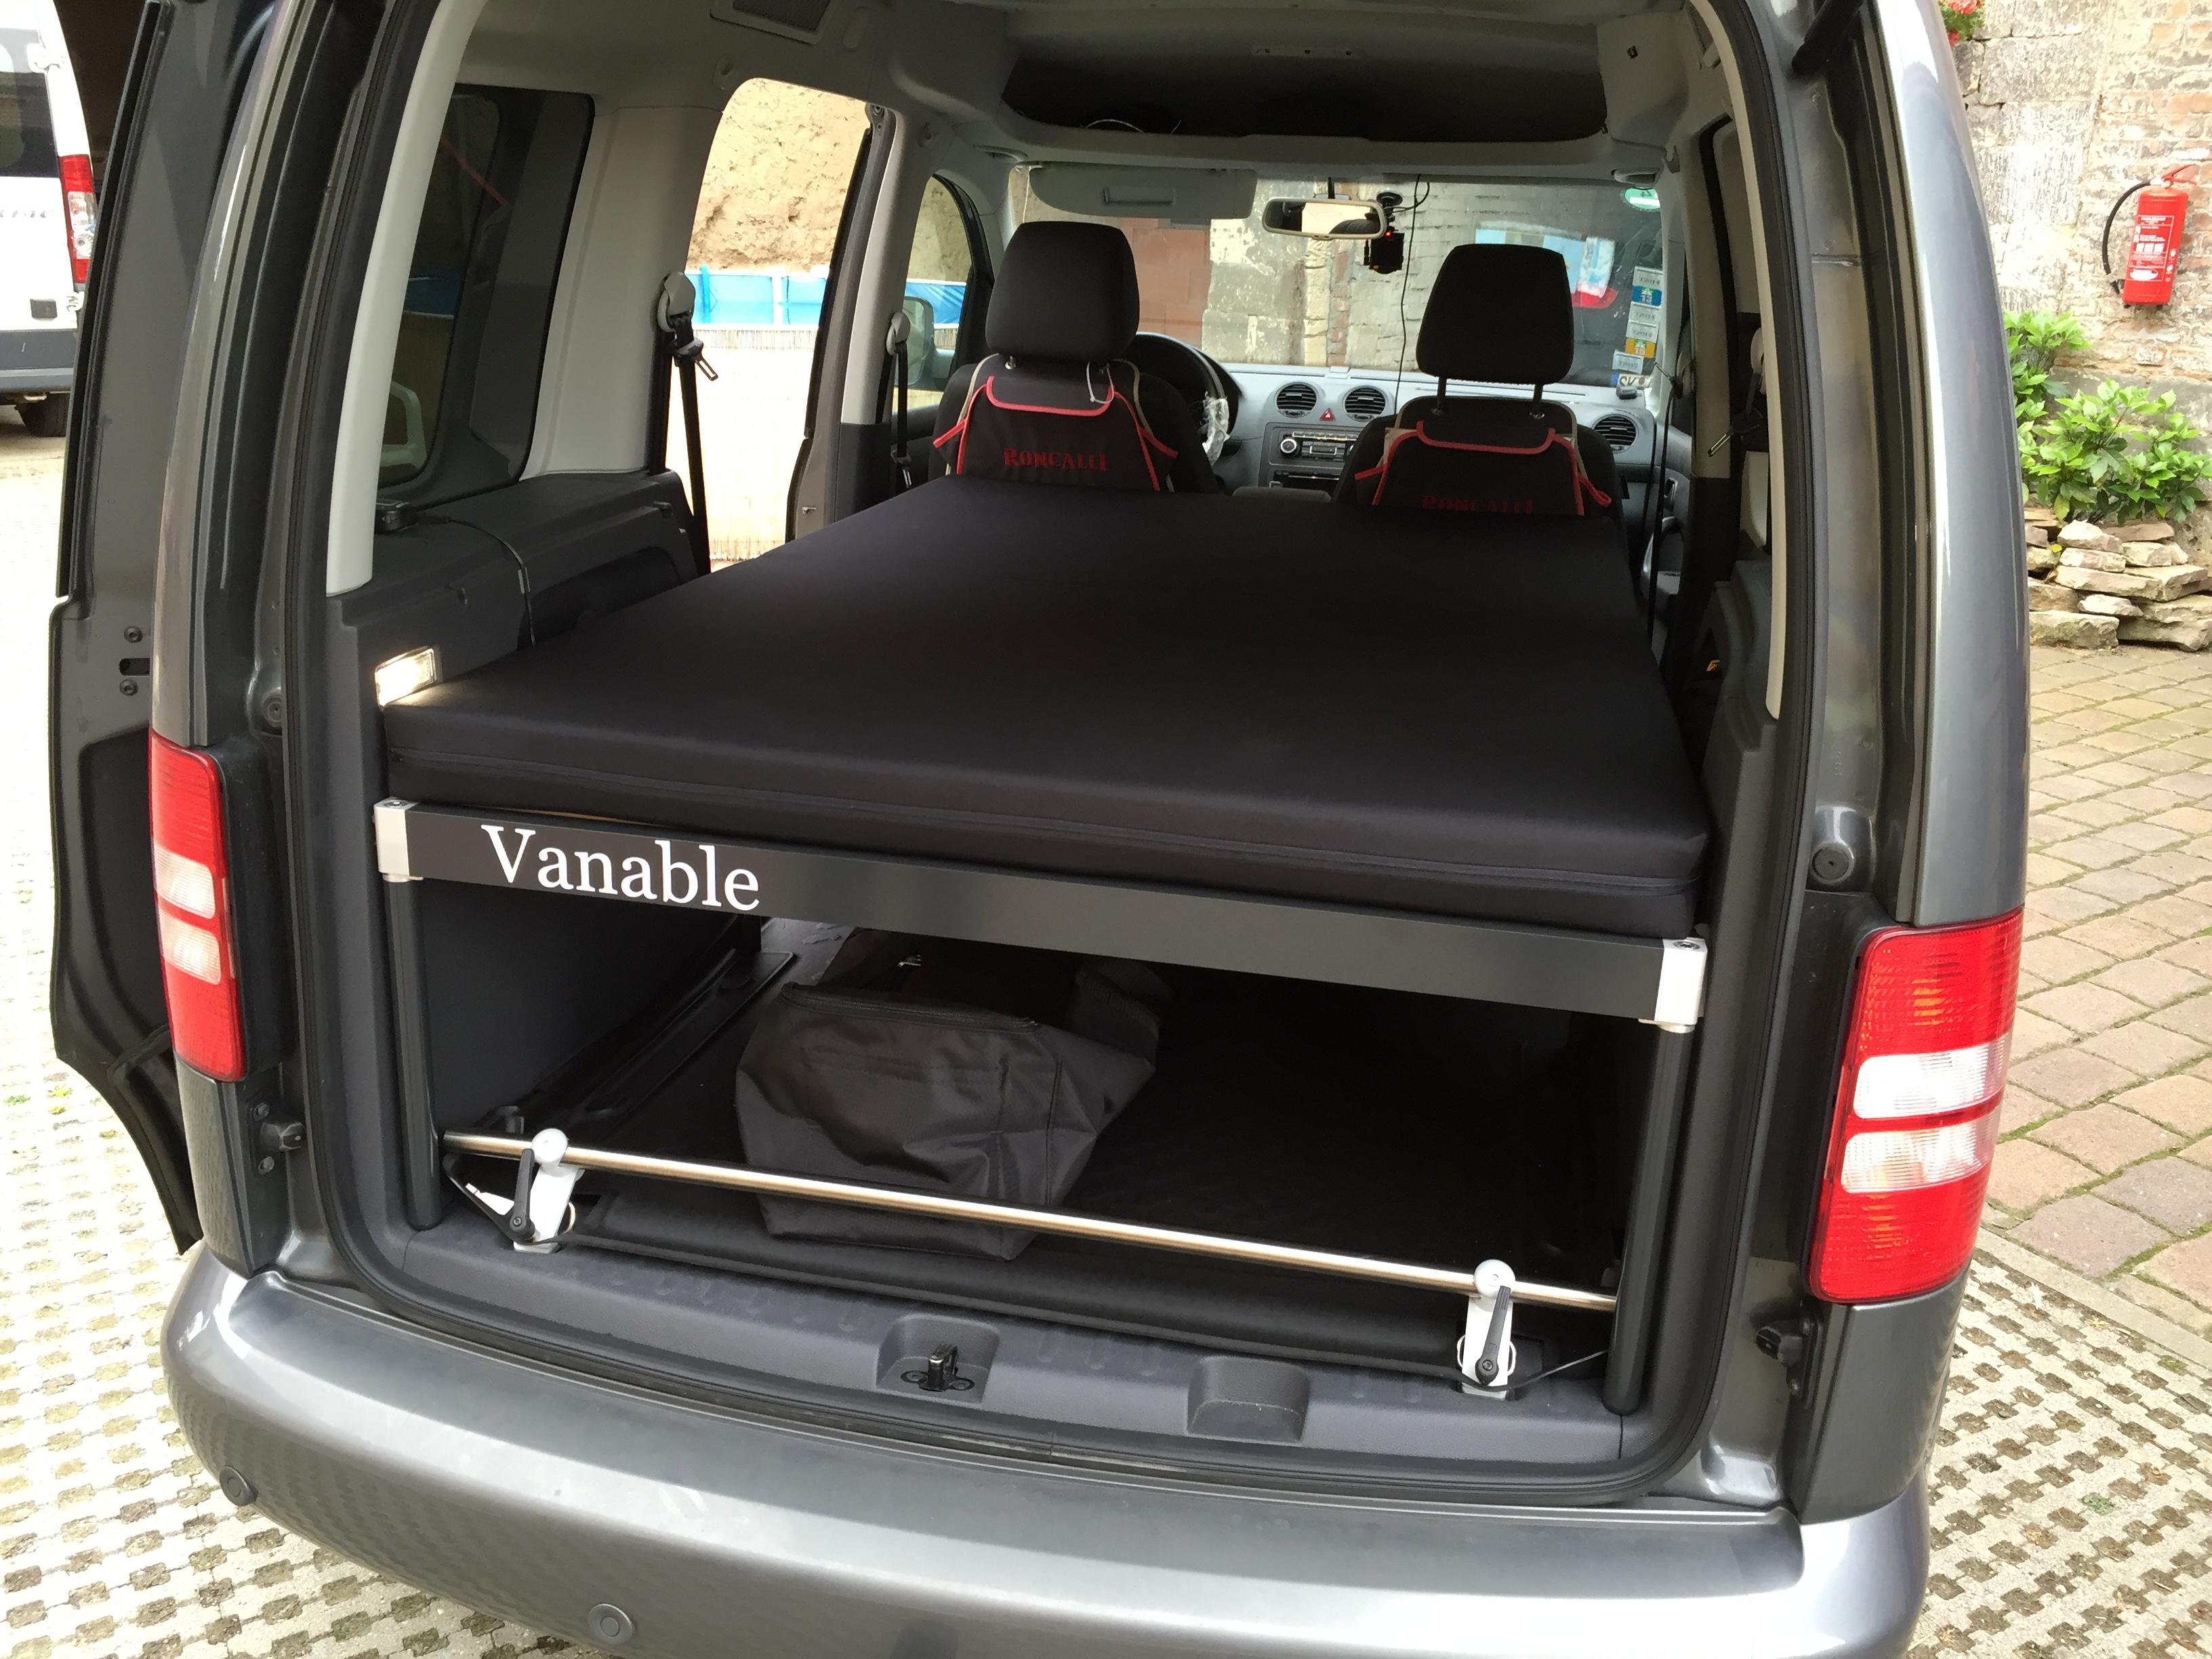 Volkswagen Caddy kurz  Vanable® – Macht jeden VAN zum Wohnmobil